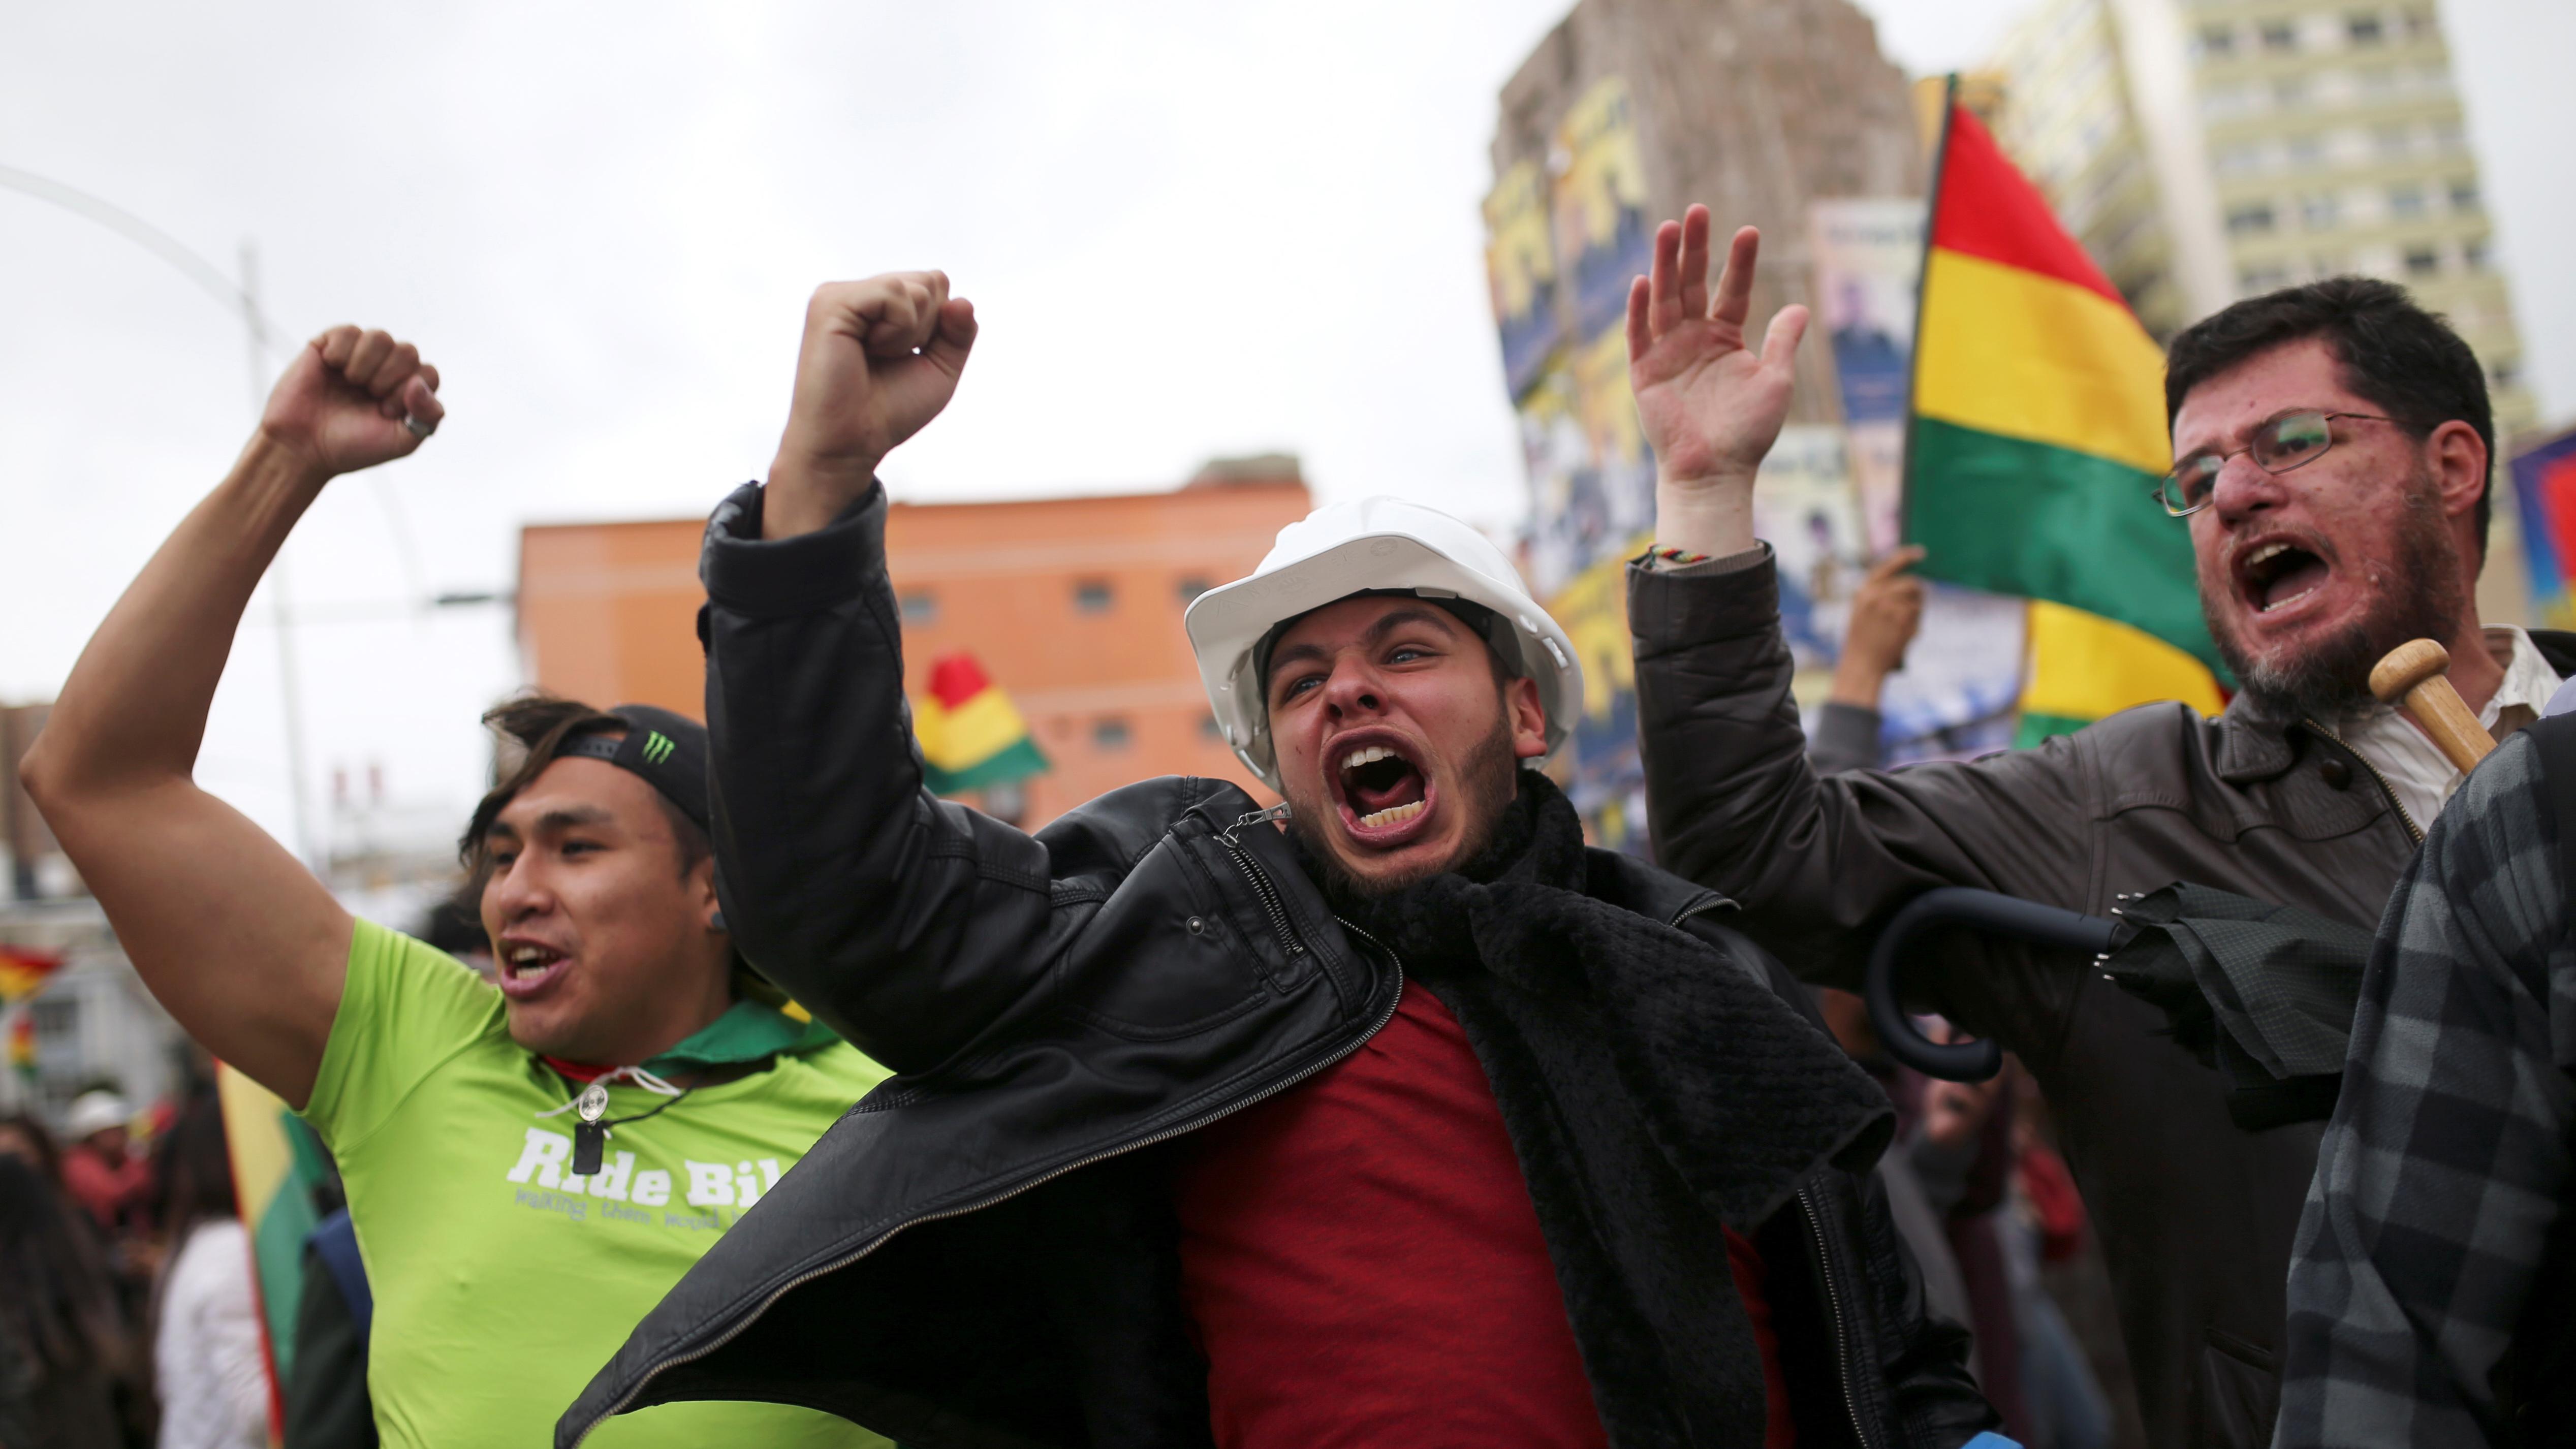 Morales, de 60 años y quien asumió en 2006, enfrentó tres semanas de protestas en las calles contra su reelección en las cuestionadas elecciones del 20 de octubre